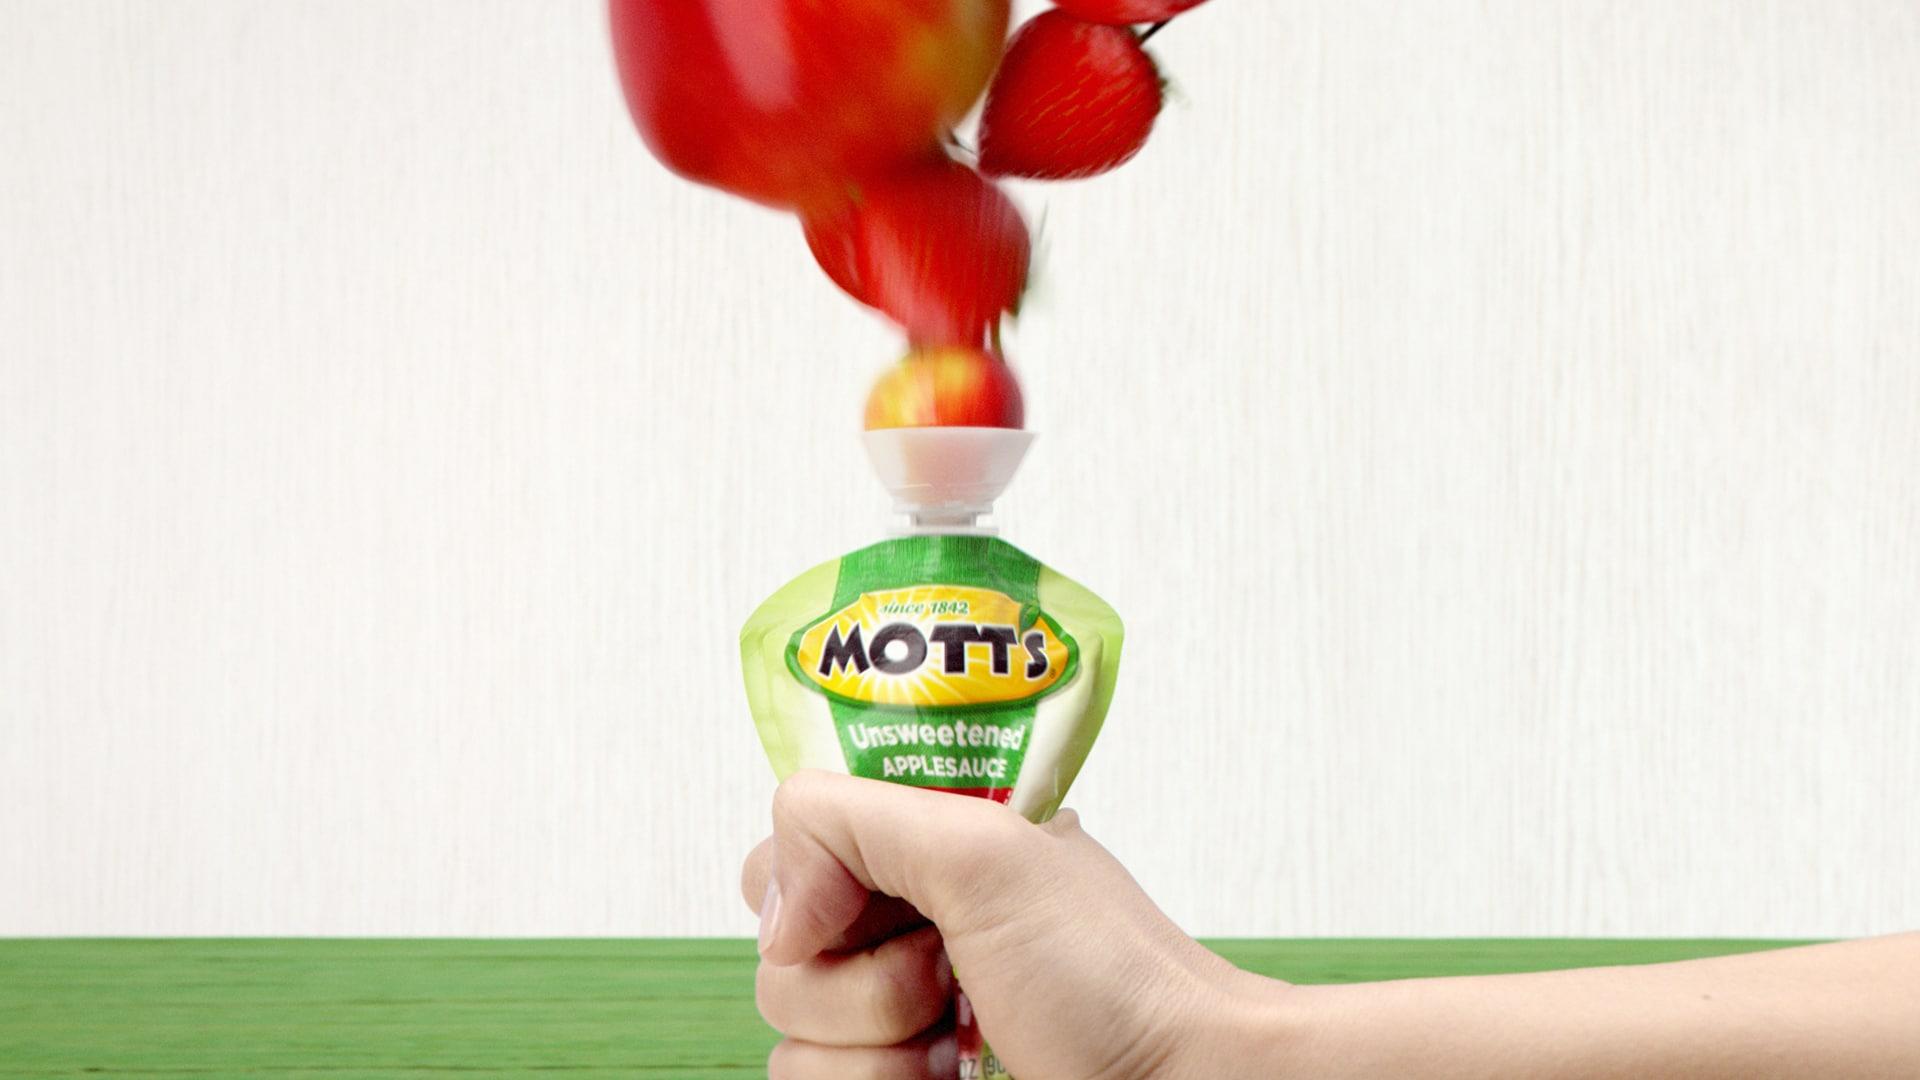 MOTTS4